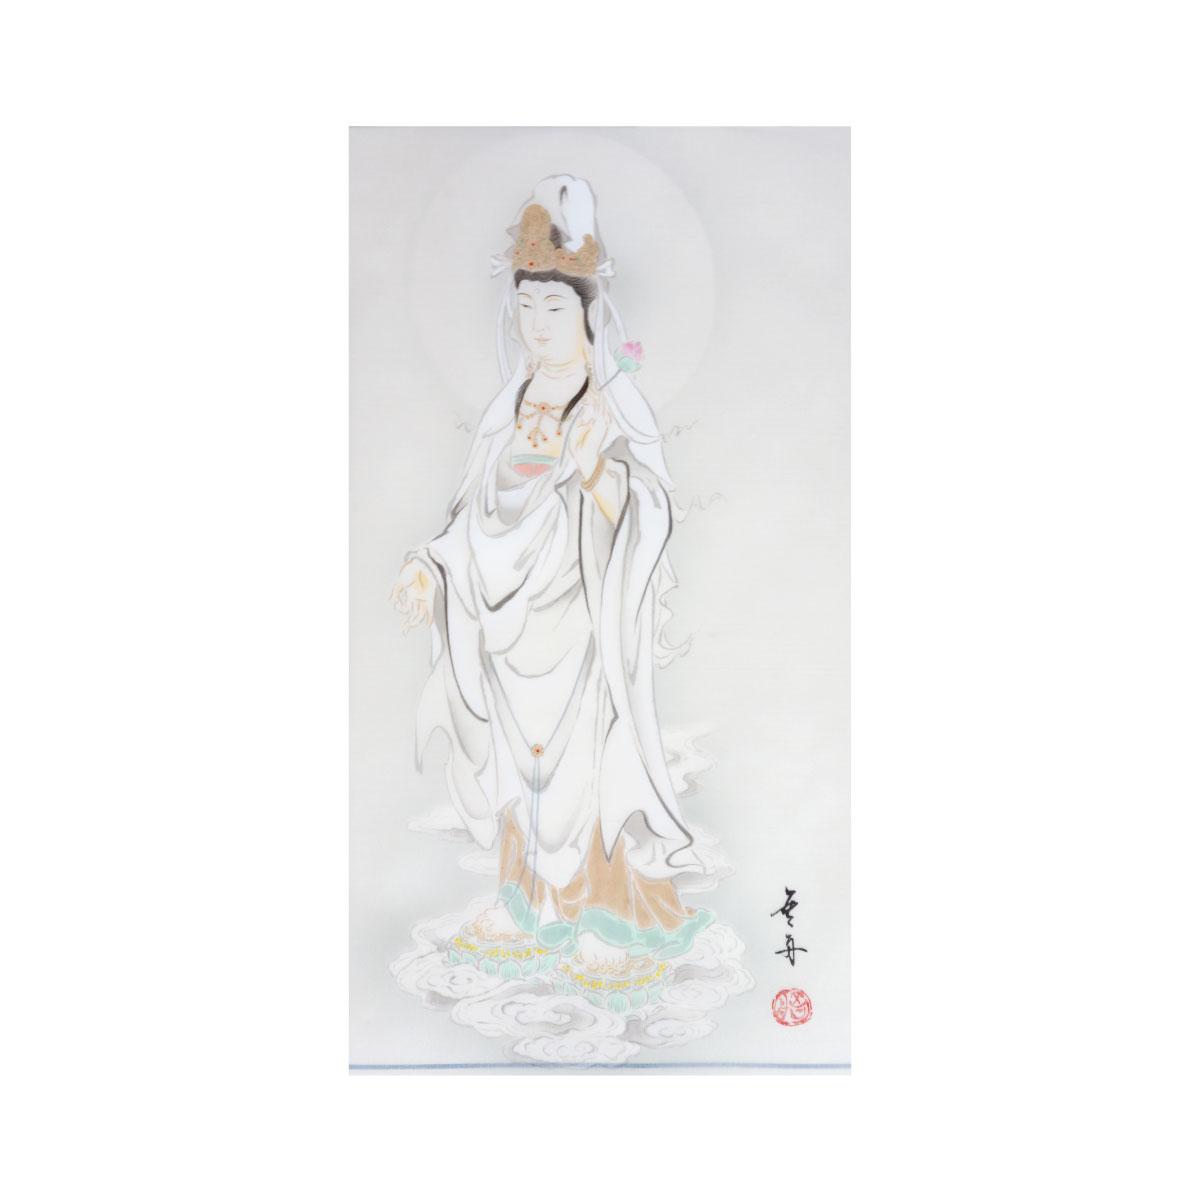 【観音霊場納経軸/横額用】吉祥白衣観音御宝印譜(欄間額用)